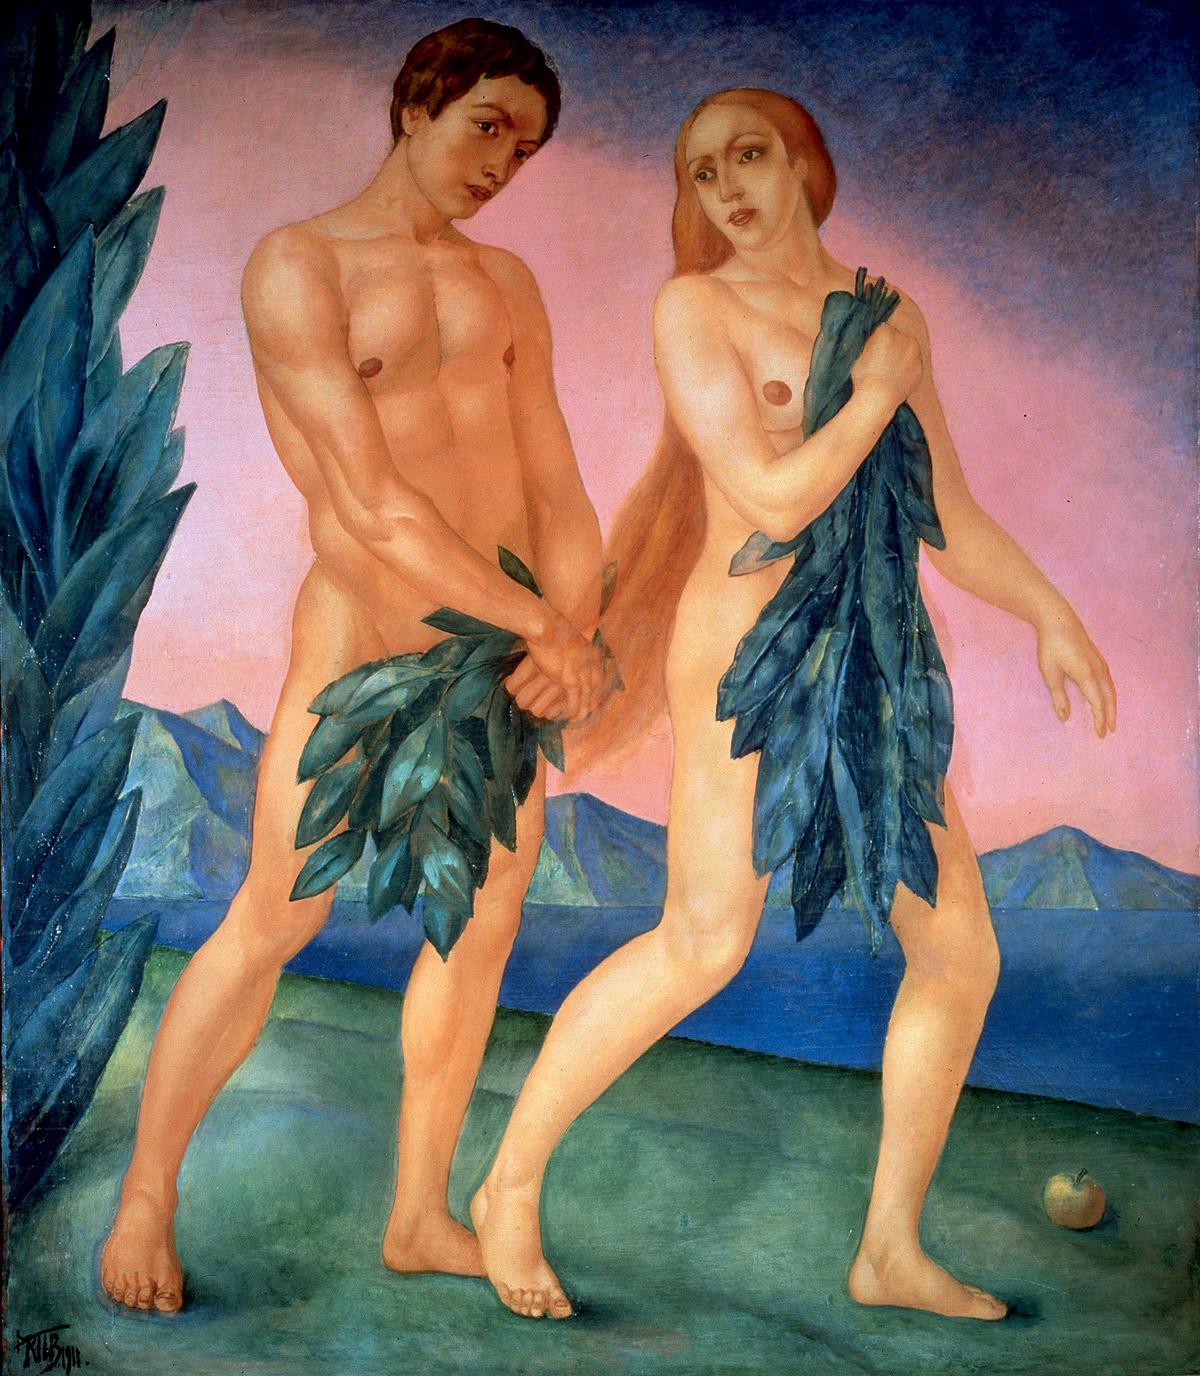 """Кузьма Петров-Водкин """"Изгнание из рая"""", 1911"""